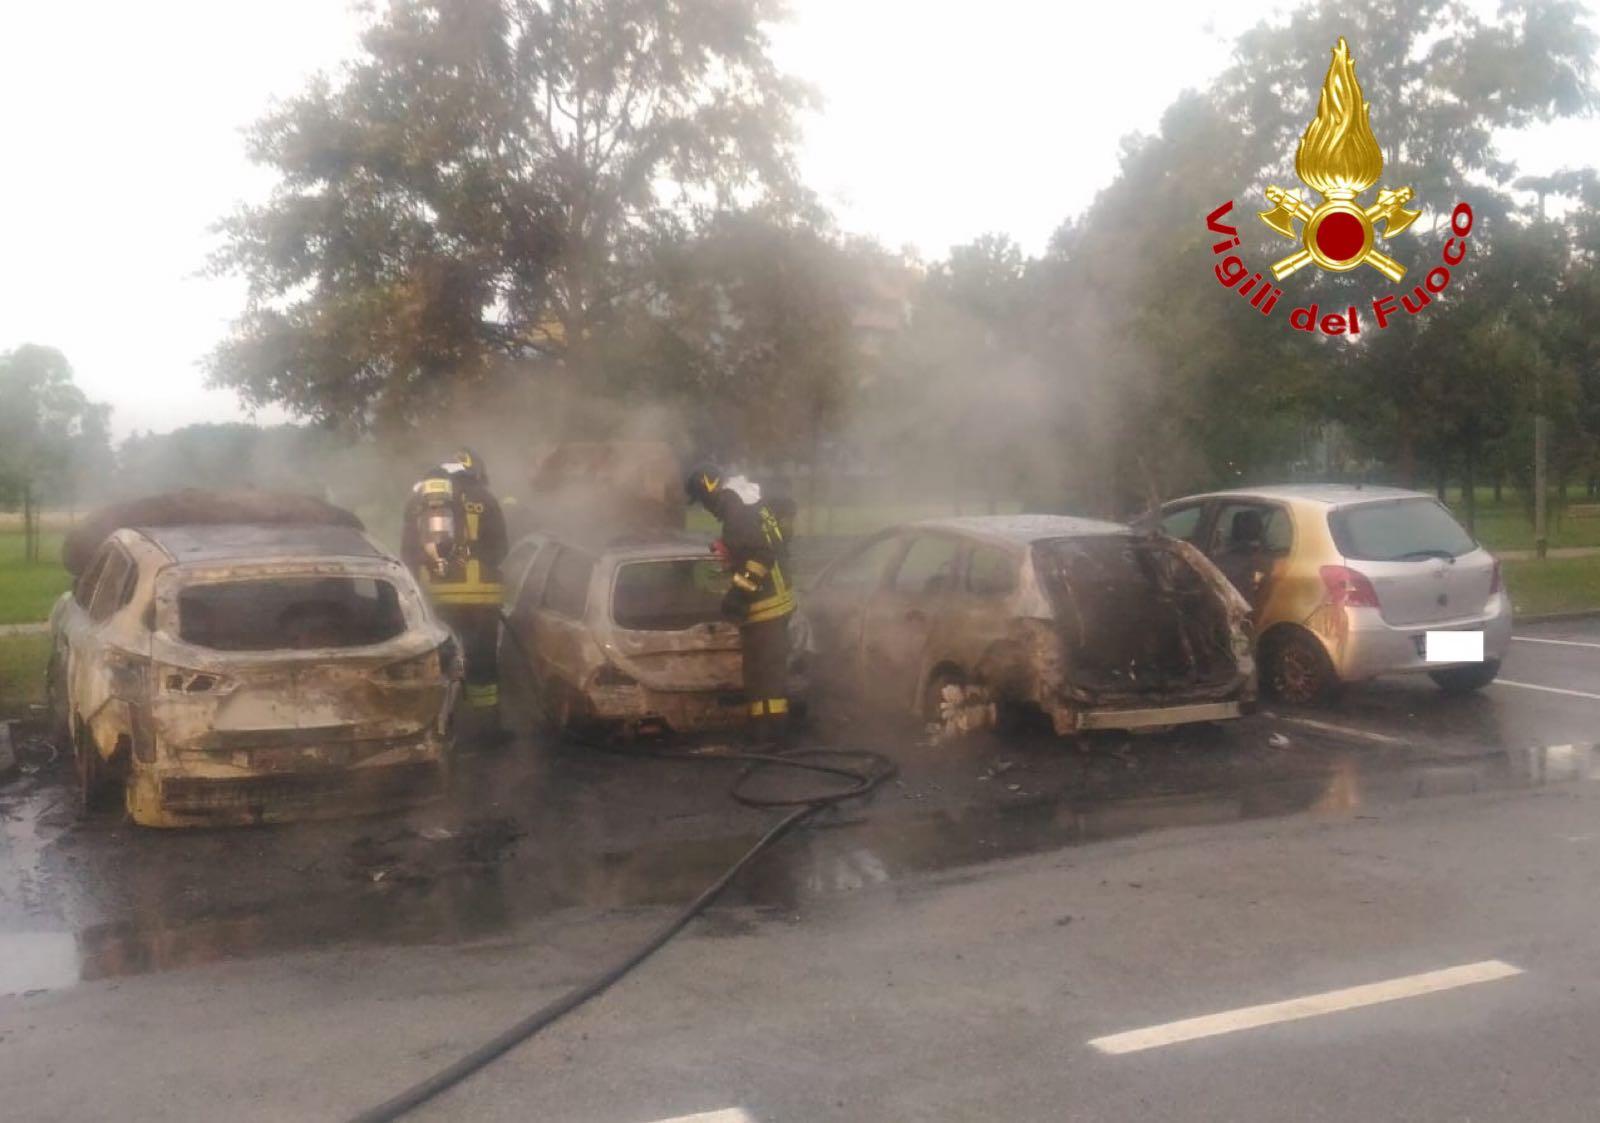 IncendioAutoSettimo3